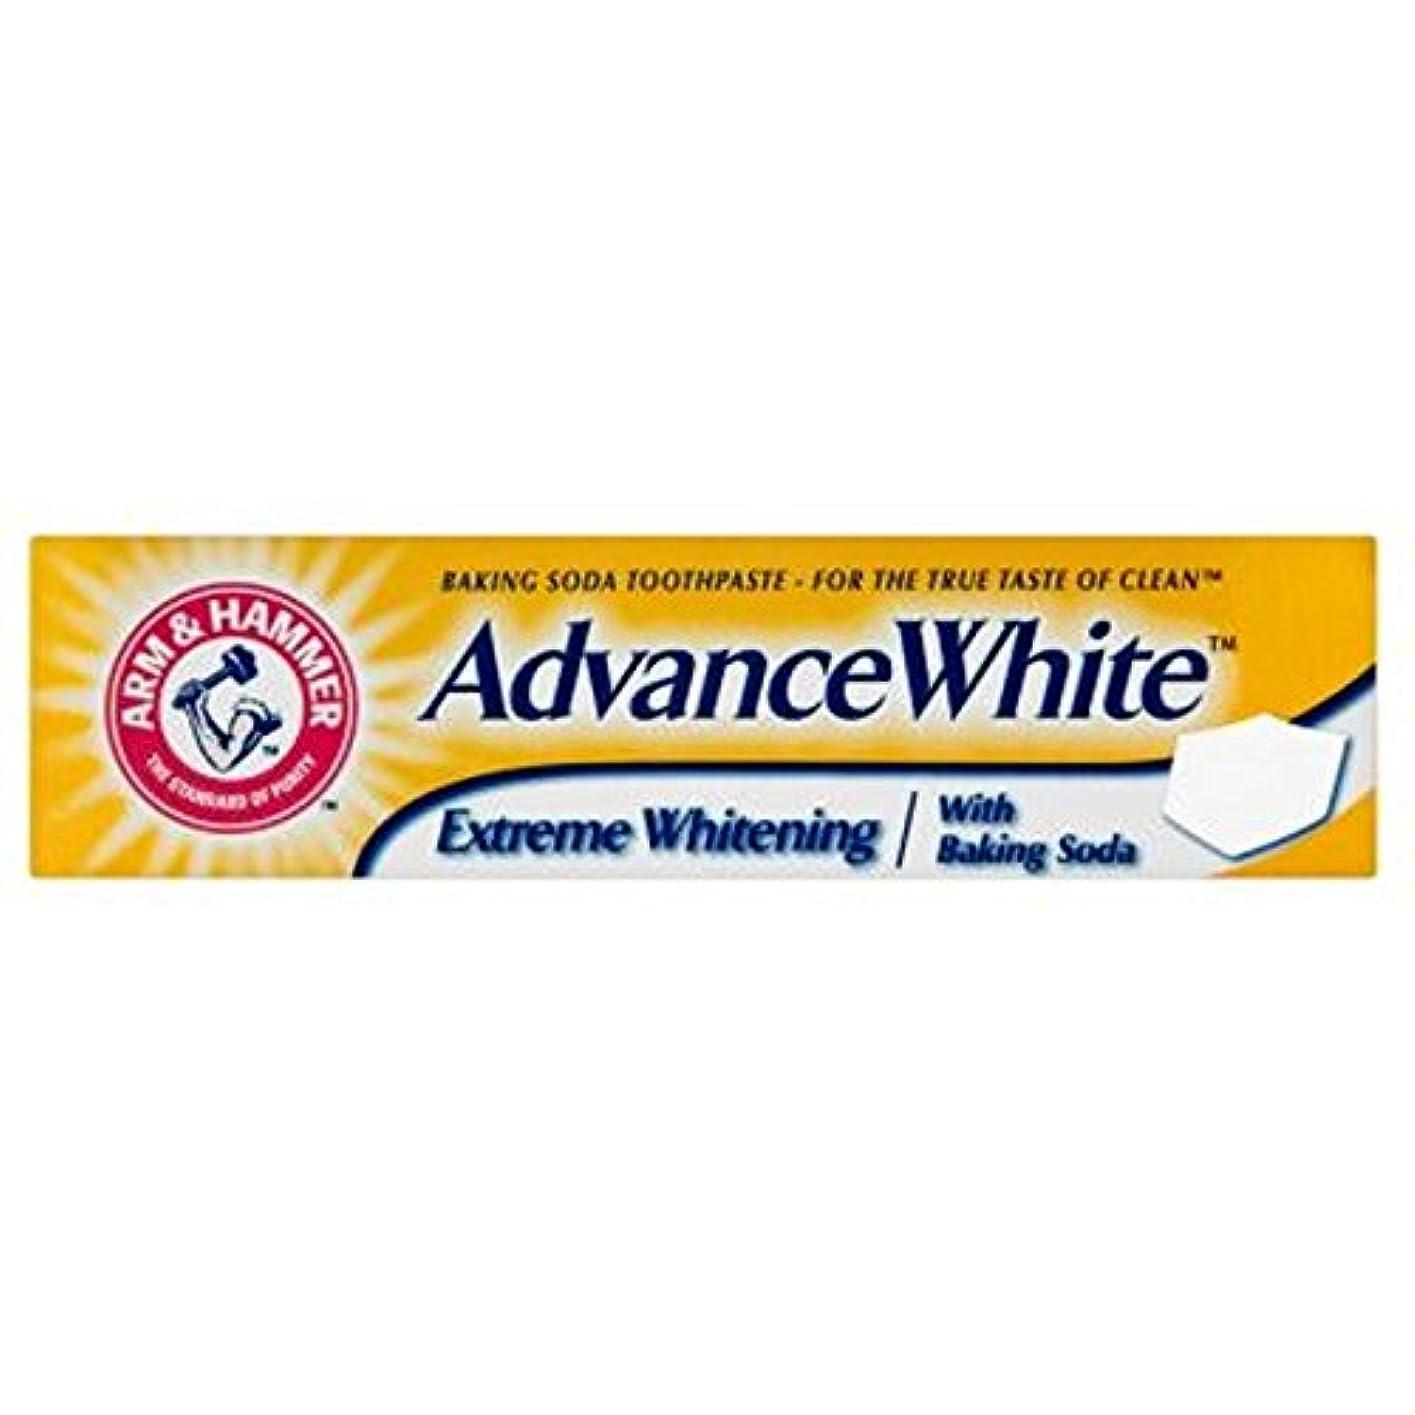 宅配便オーバーヘッドセラー重曹歯磨き粉75ミリリットルをホワイトニングアーム&ハンマー事前白極端 (Arm & Hammer) (x2) - Arm & Hammer Advance White Extreme Whitening Baking...